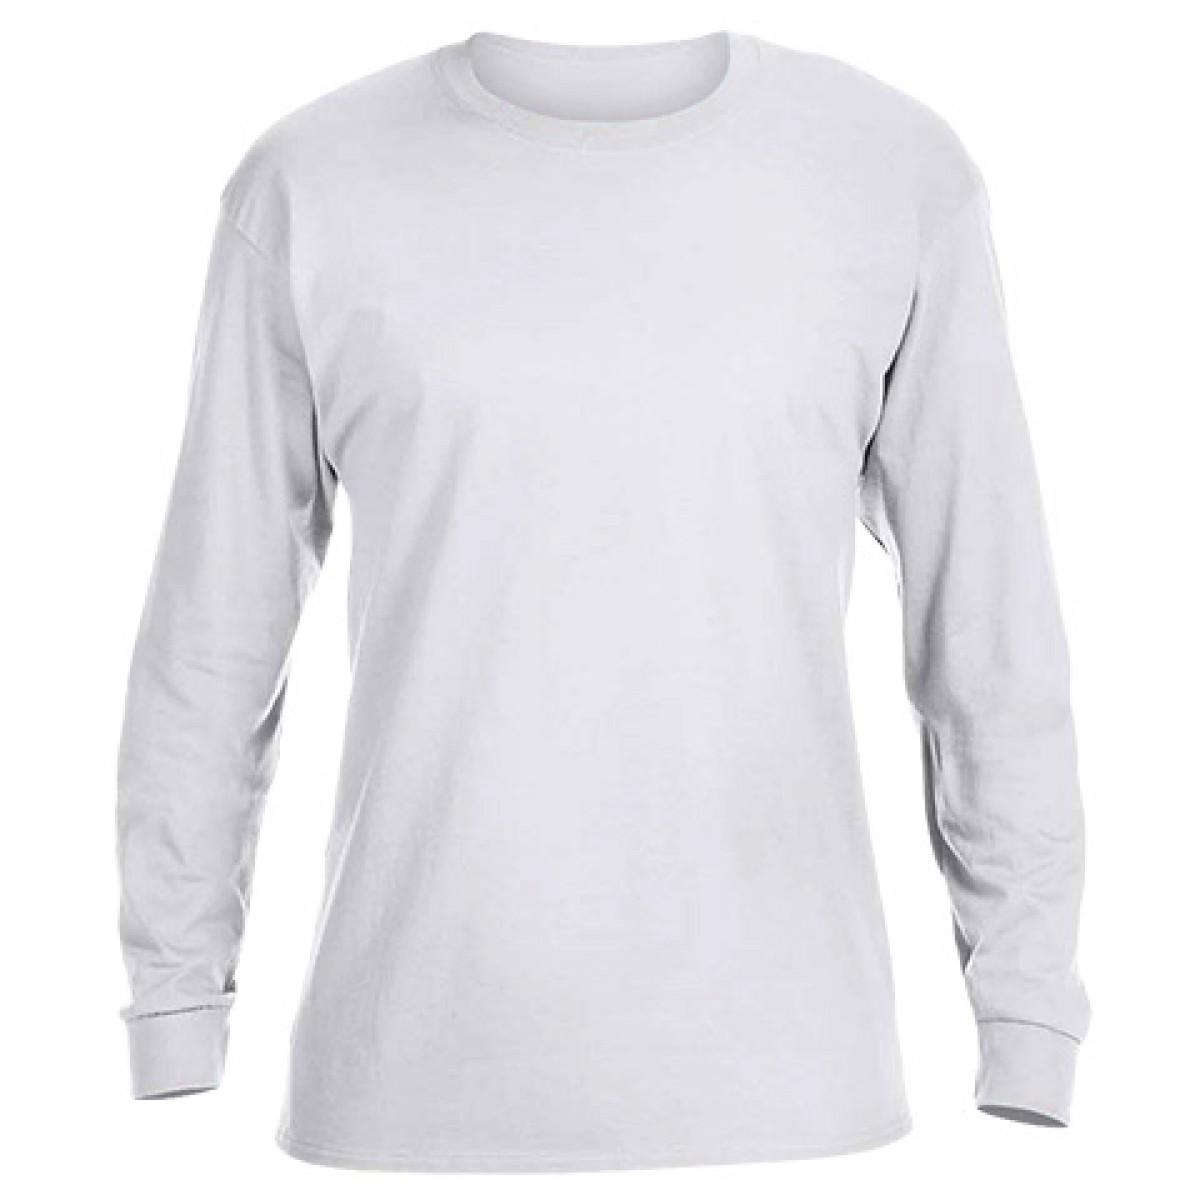 Ultra Cotton Long-Sleeve T-Shirt